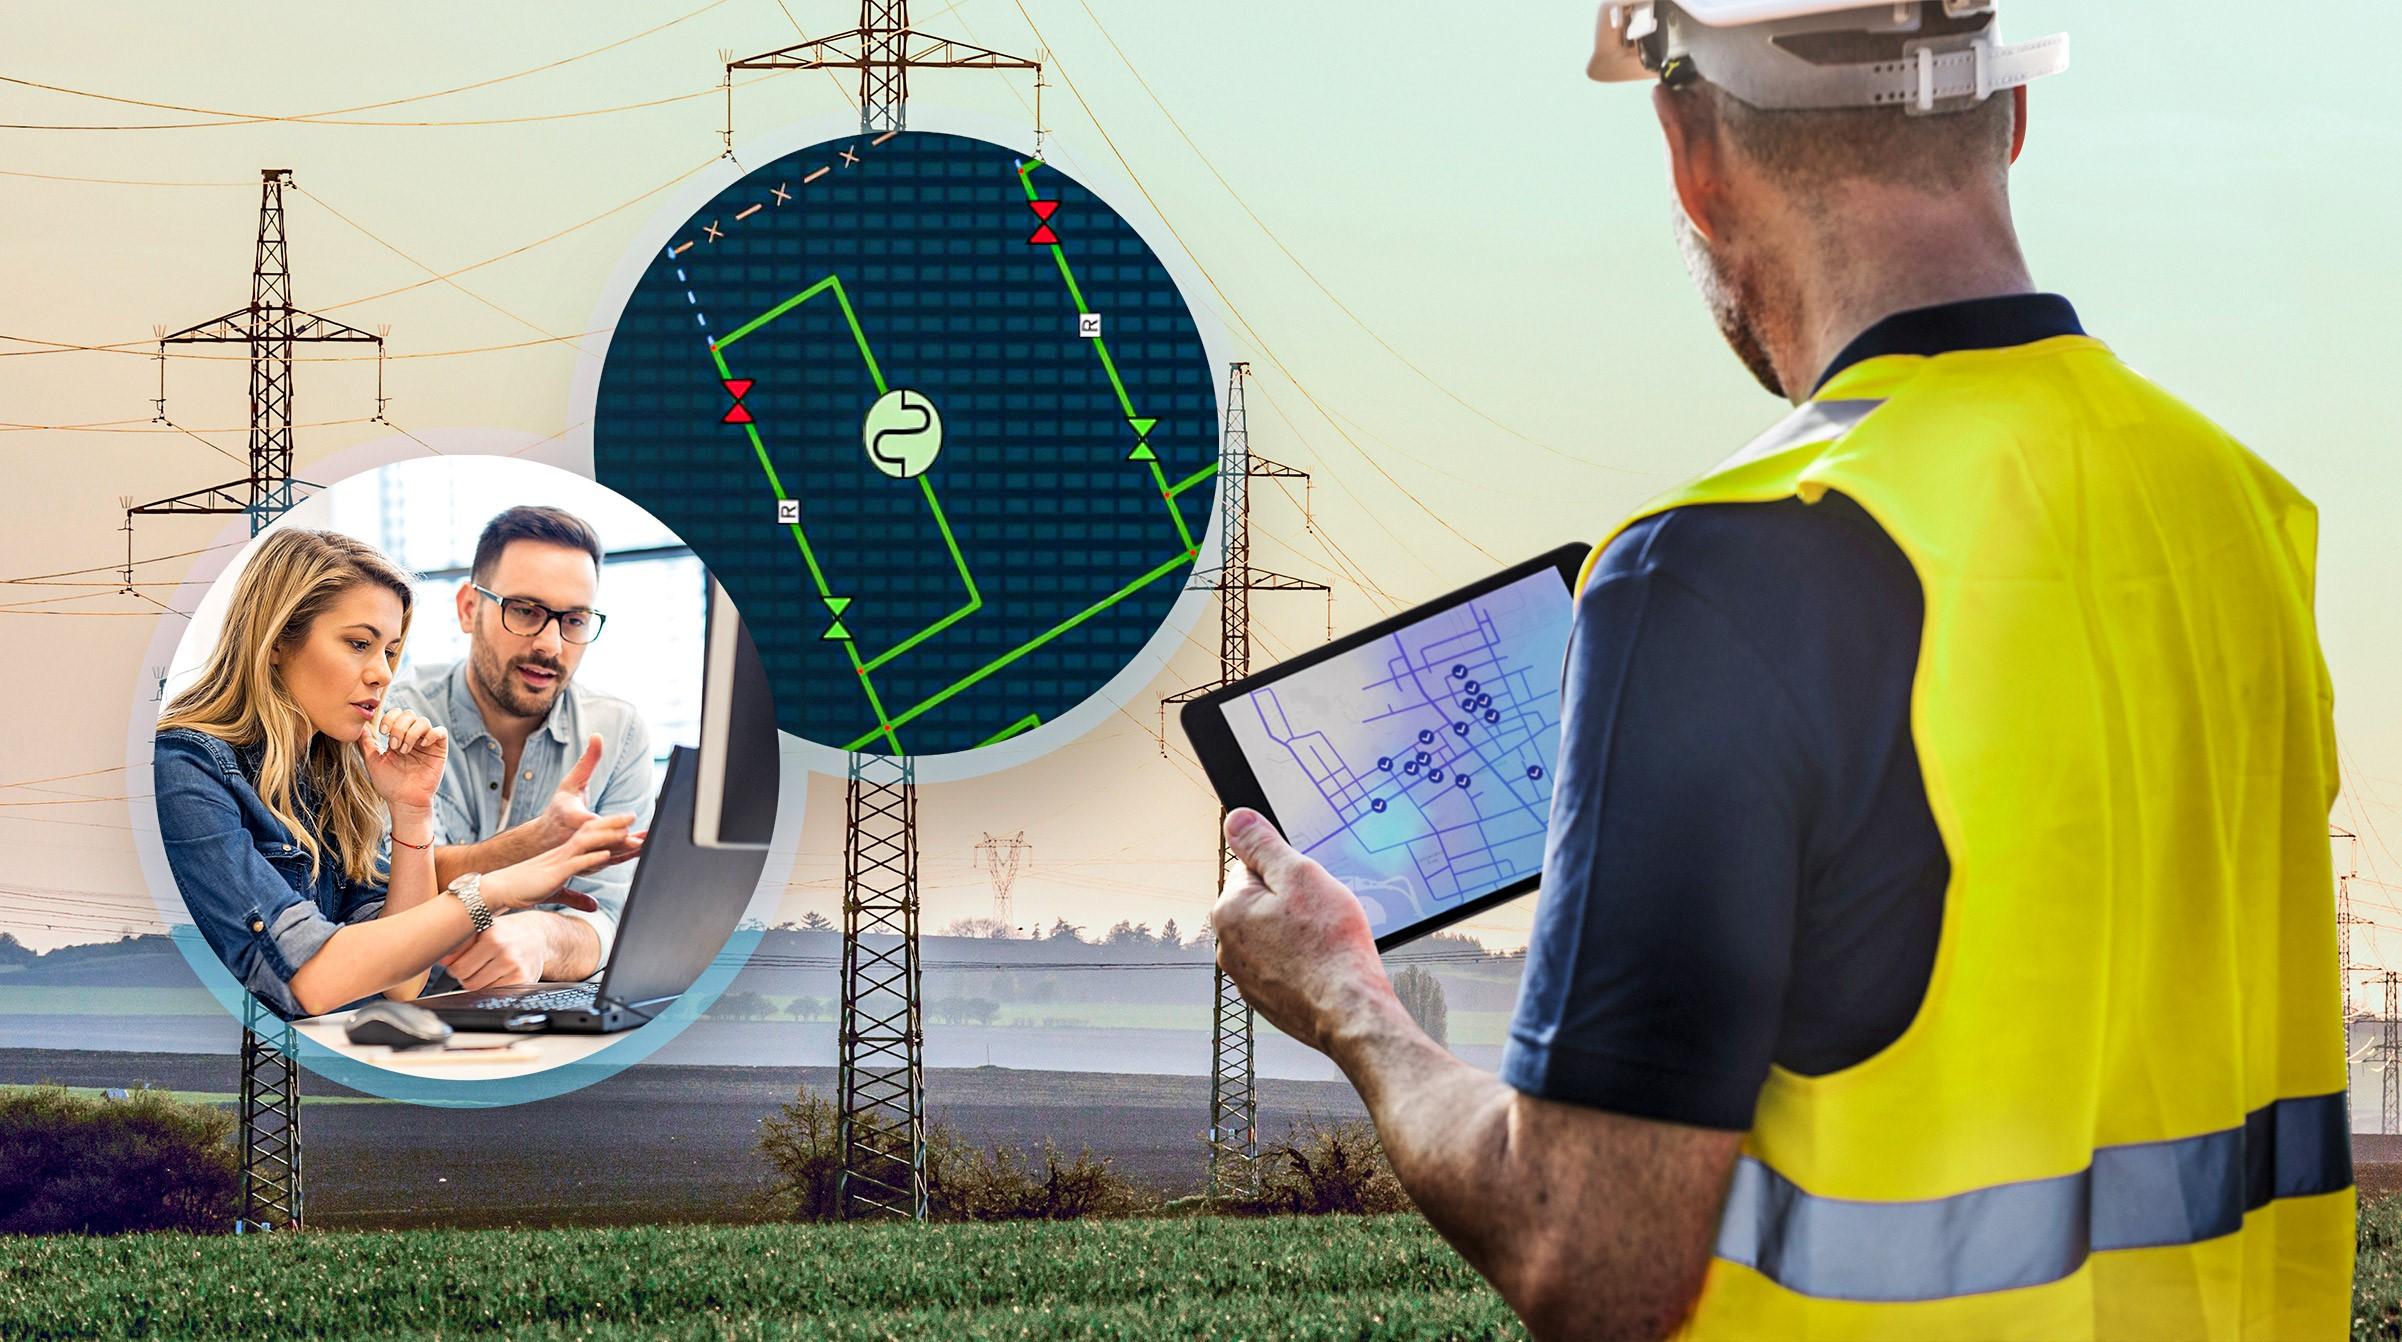 Digital samverkan kring nätinfrastruktur